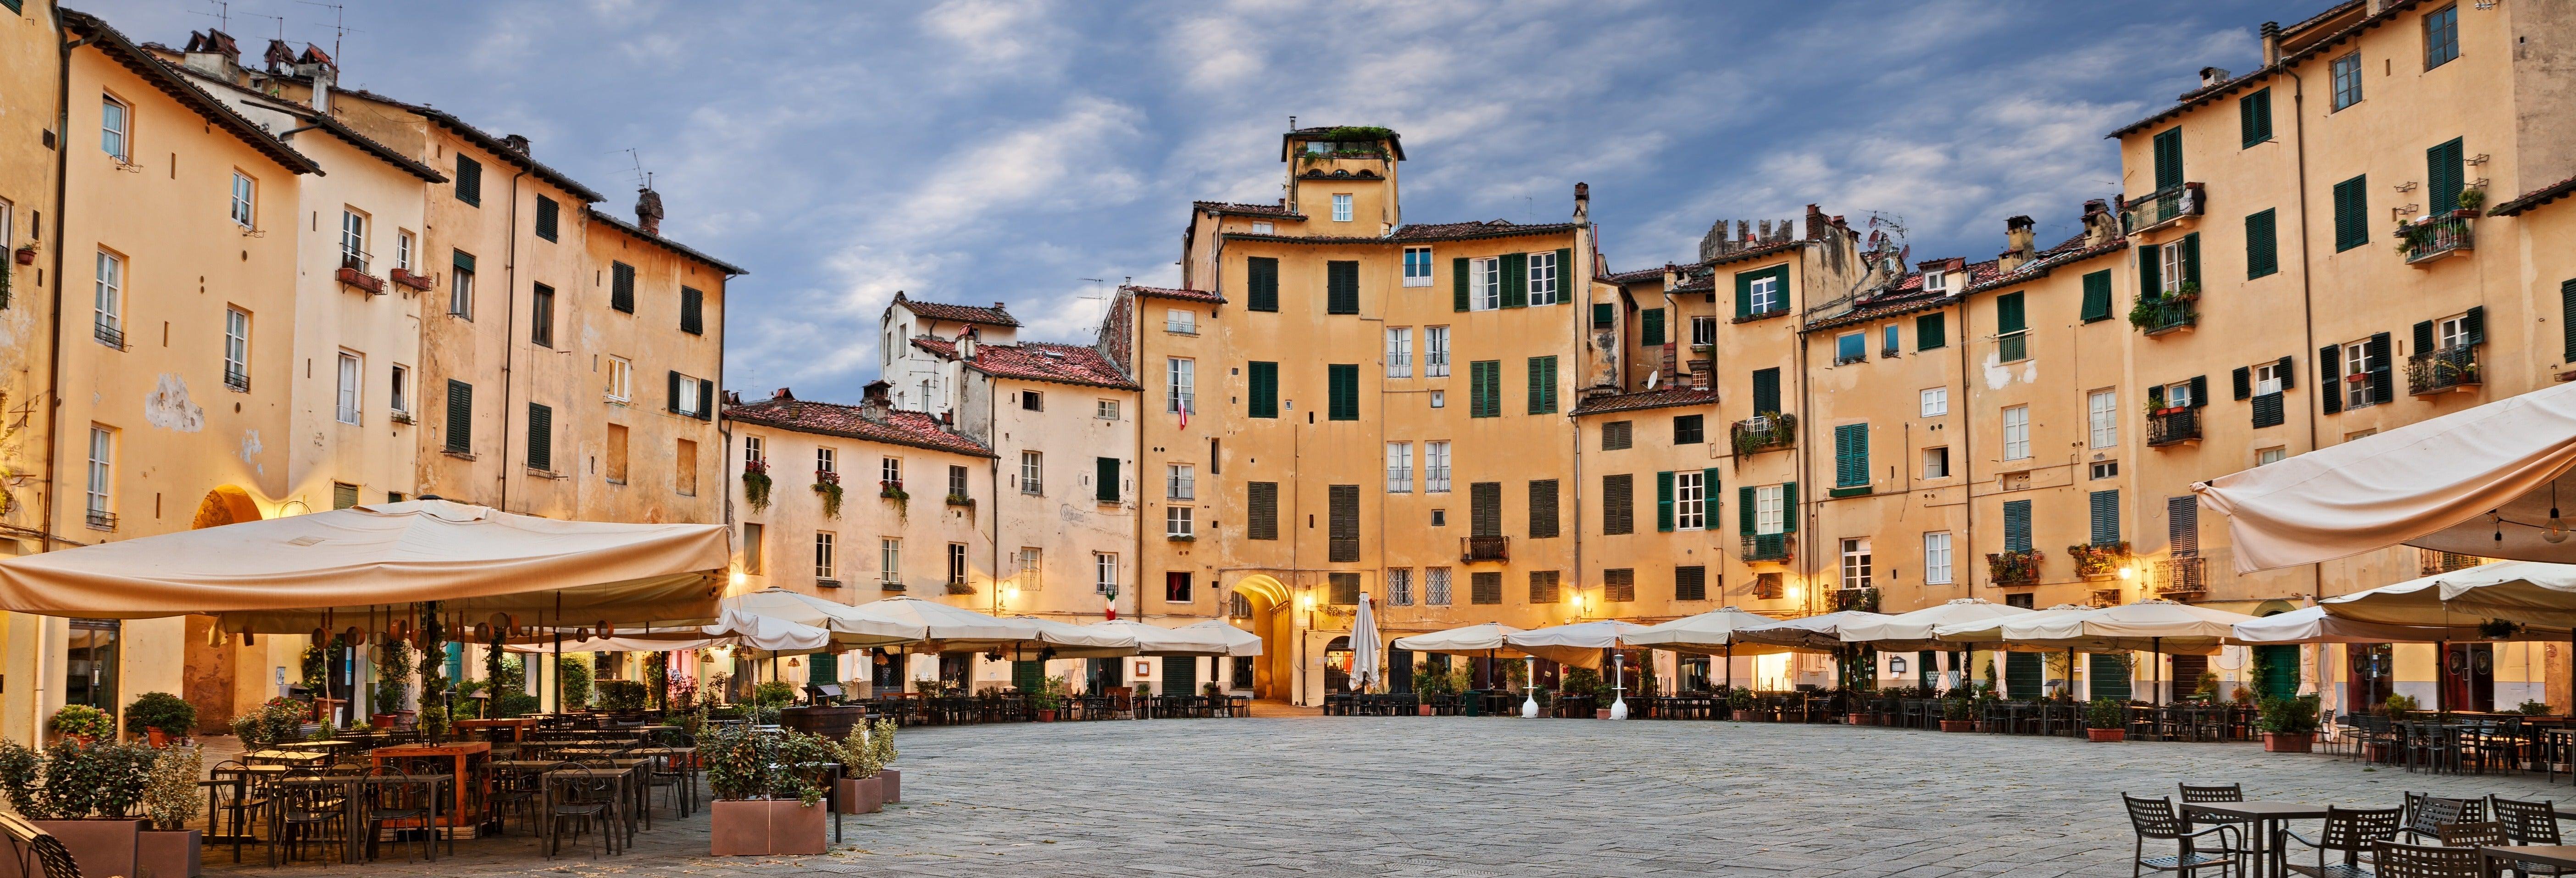 Excursão a Lucca e Pisa